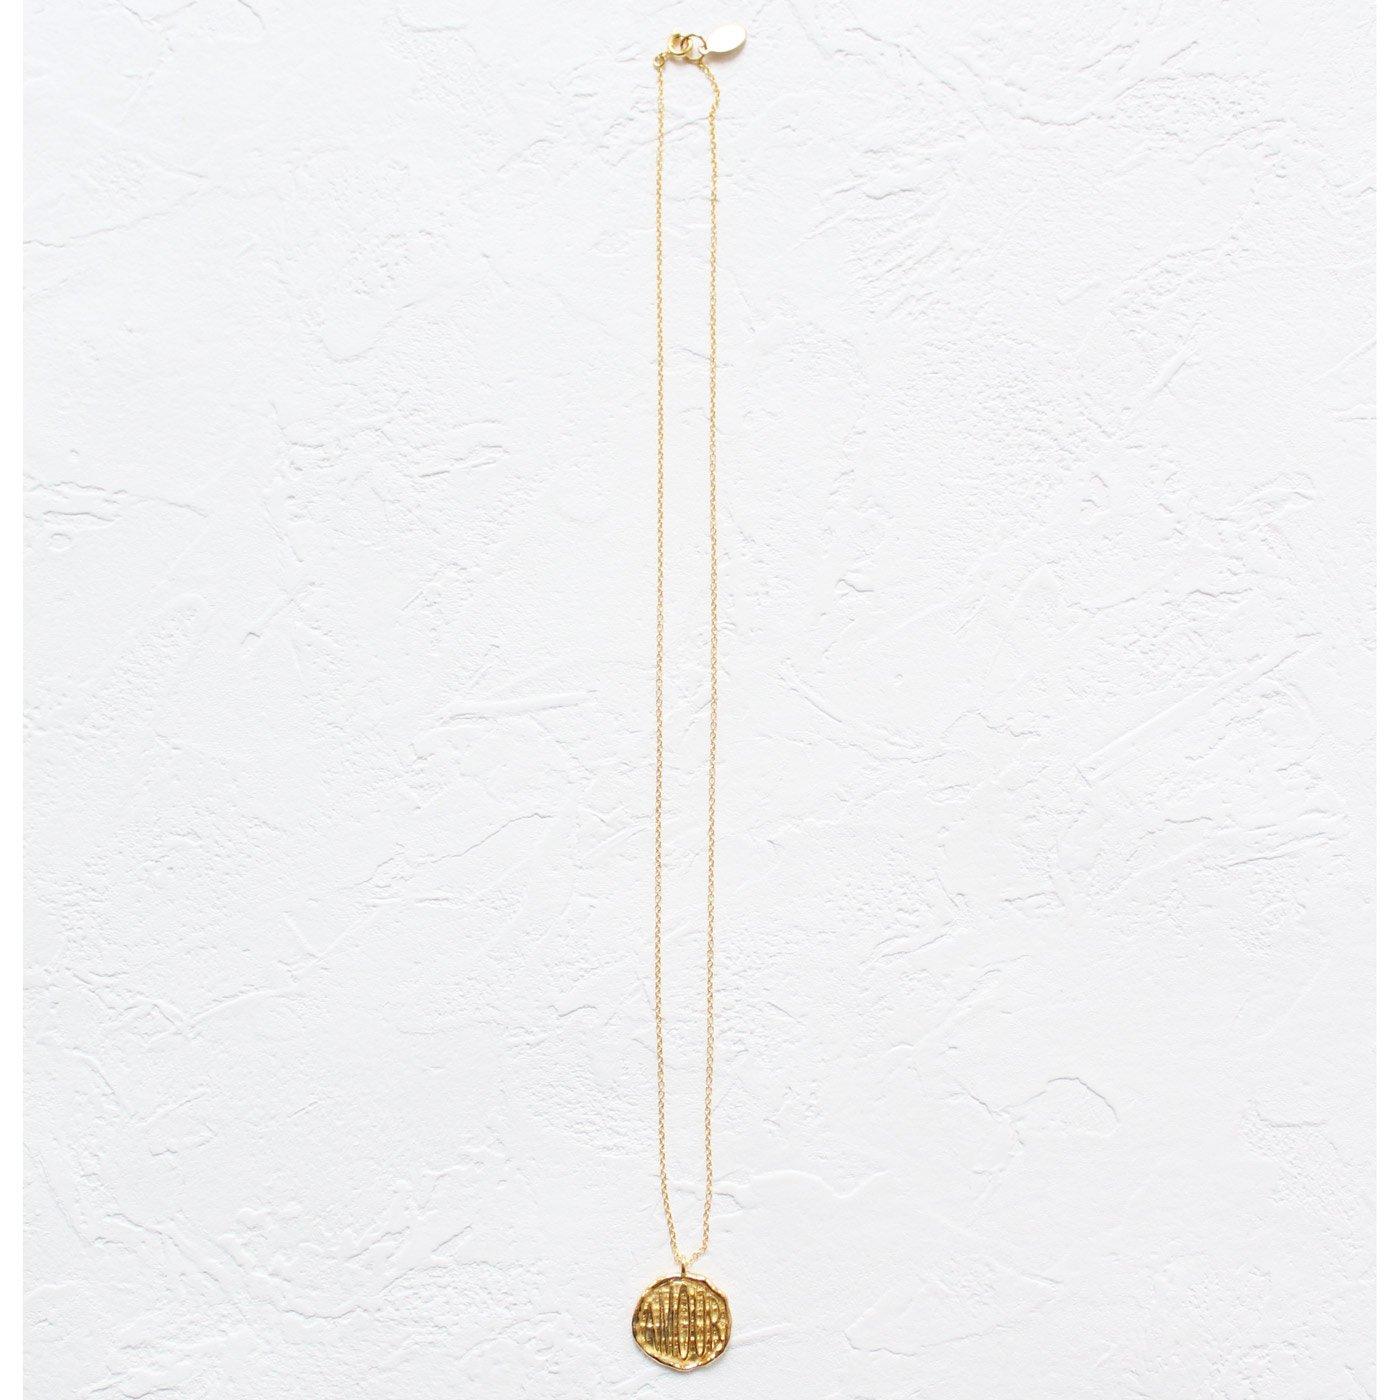 IEDIT[イディット] SELECT chibi jewelsロゴコインネックレス〈ゴールド〉